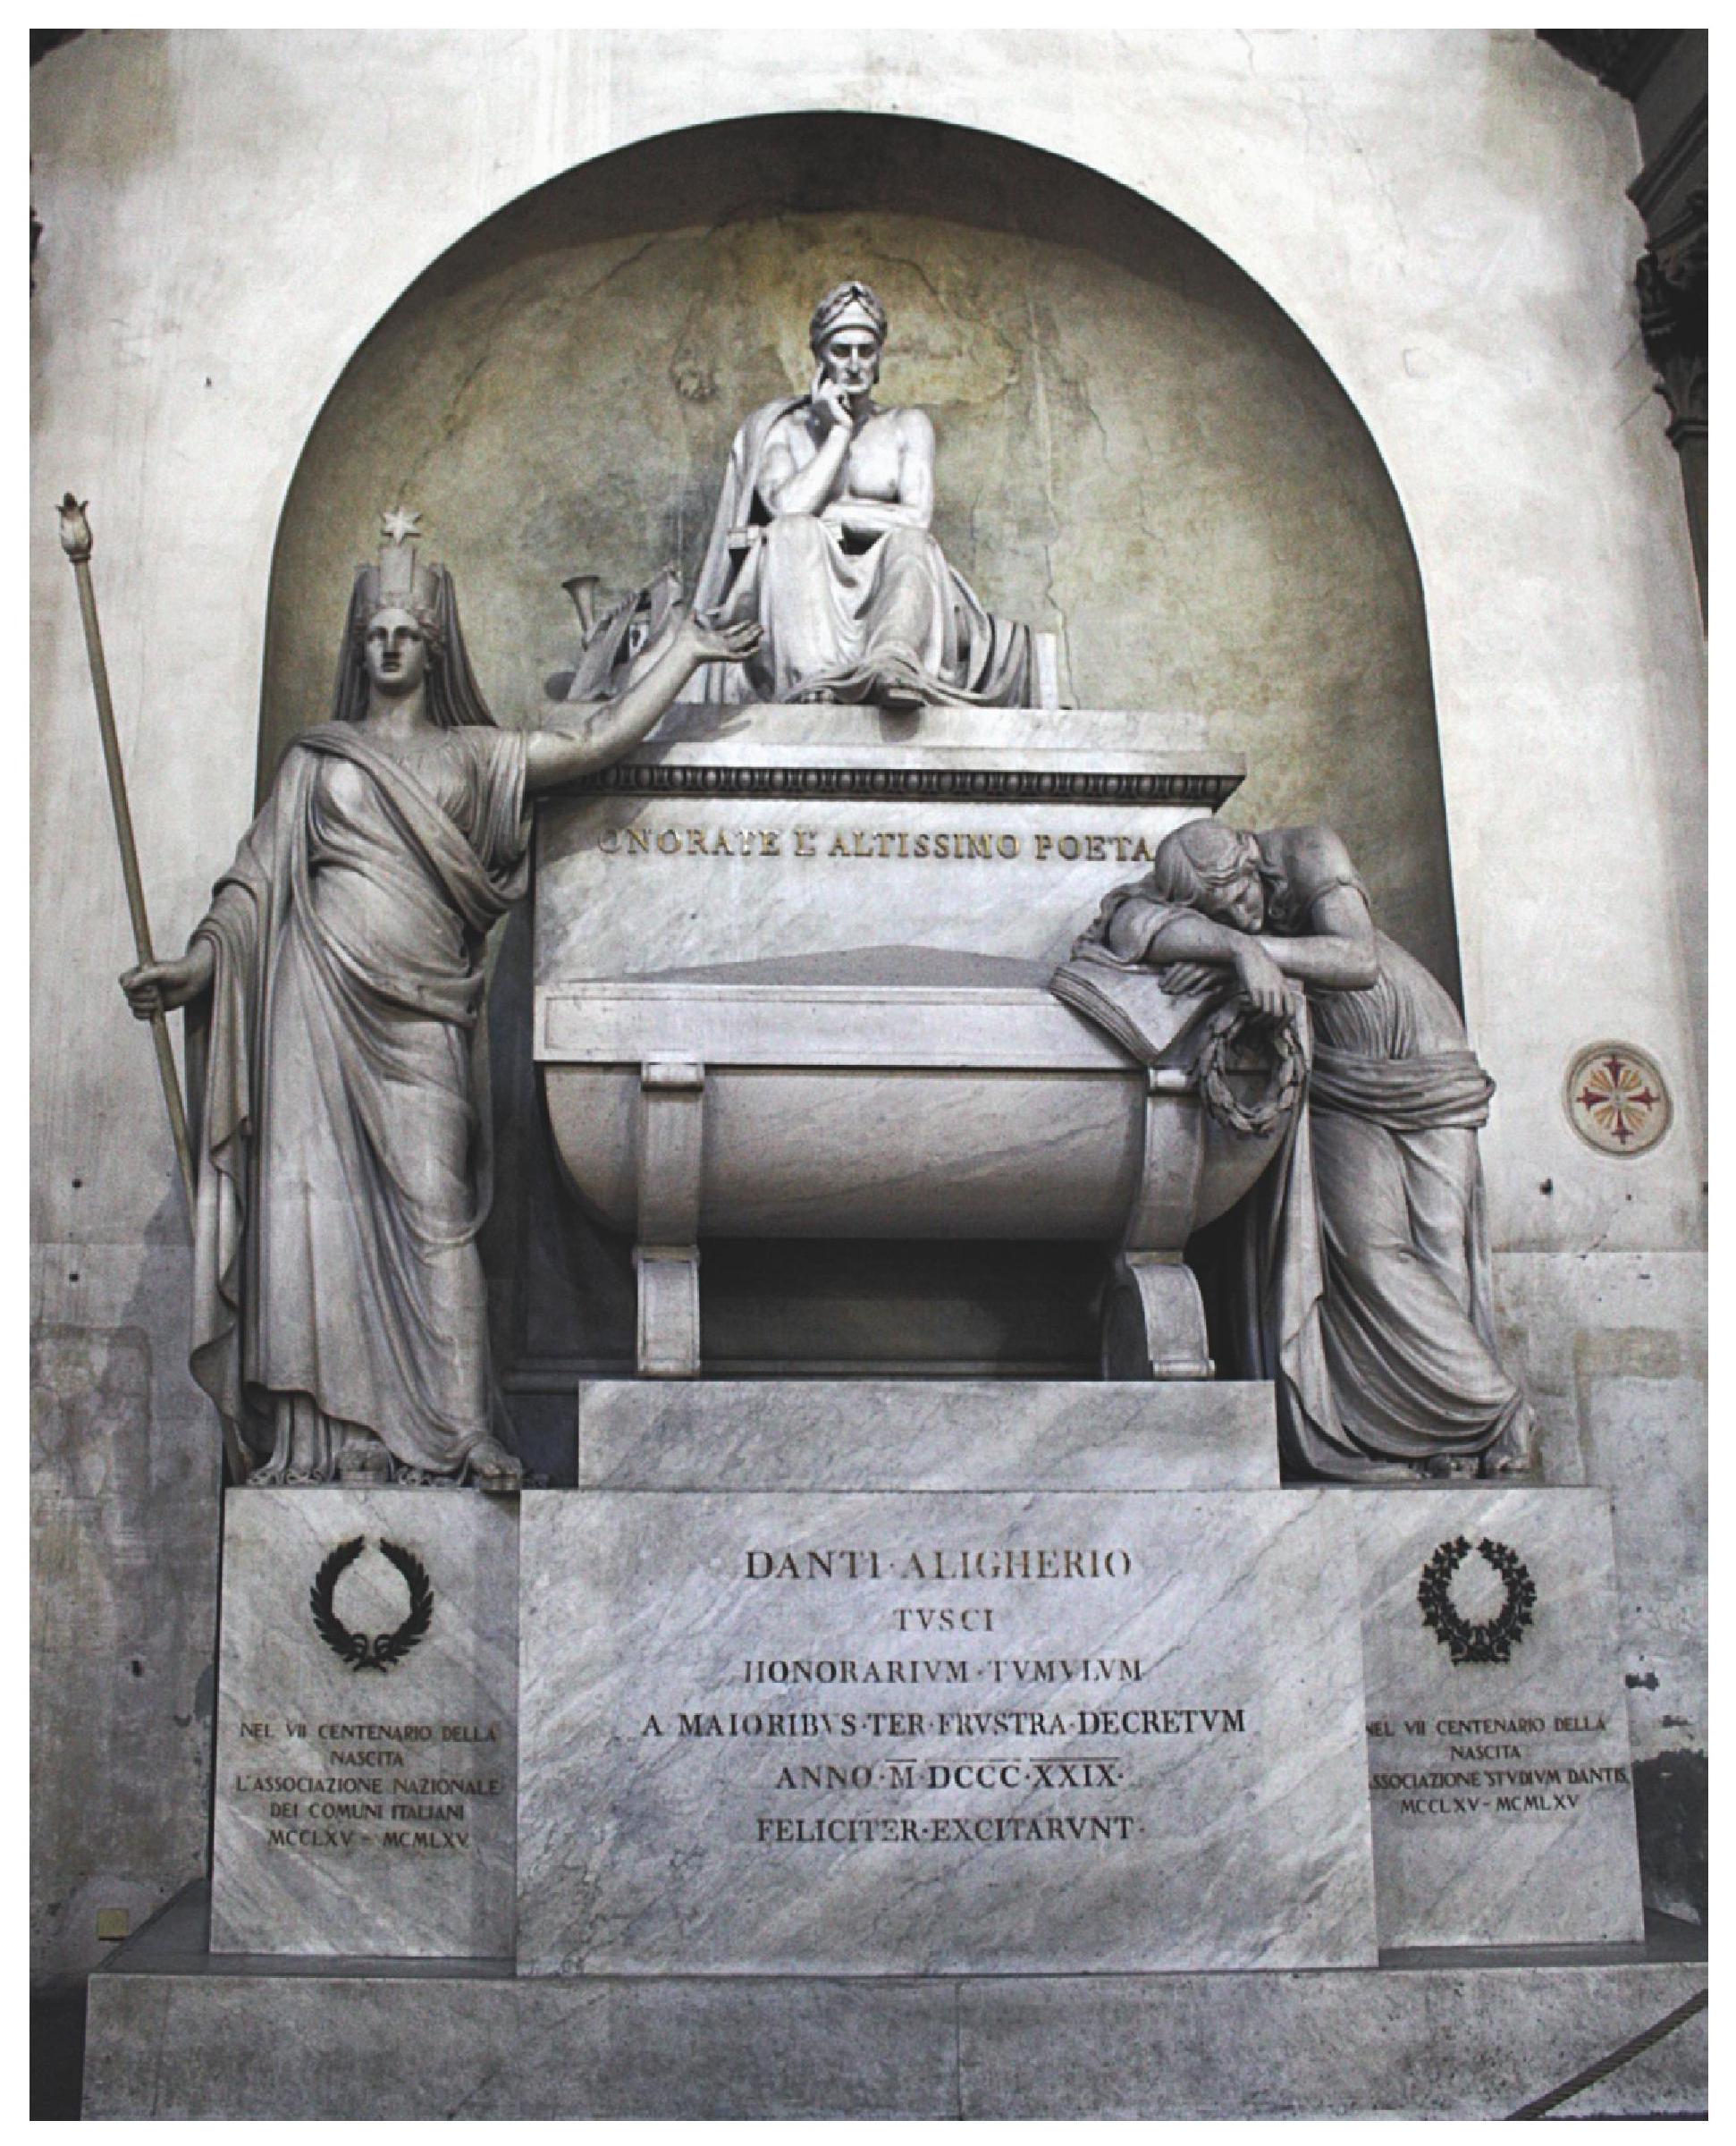 Der wunderbare florentinische Geist - Von der göttlichen Gnade zur ...